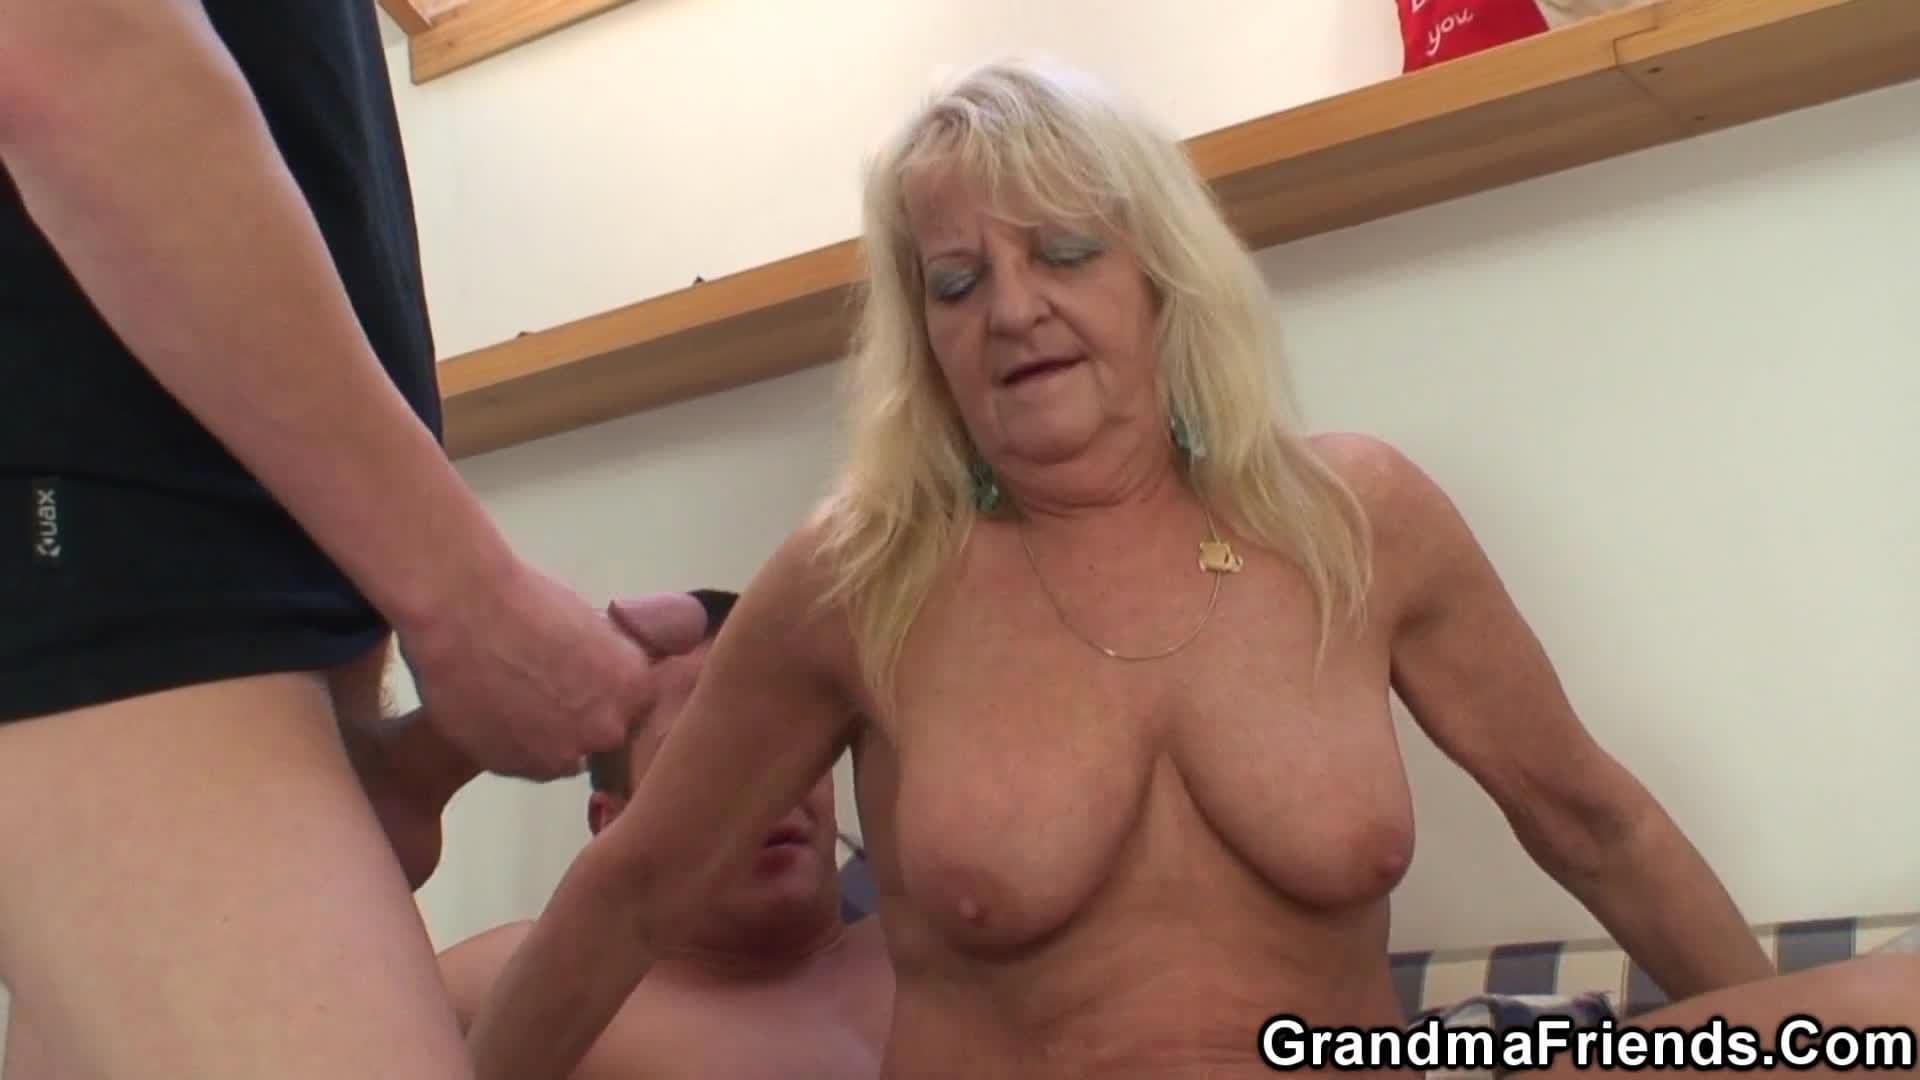 Abuela Primera Vez Anal Porno Duele dándole a la vieja por el culo | viejasfollando